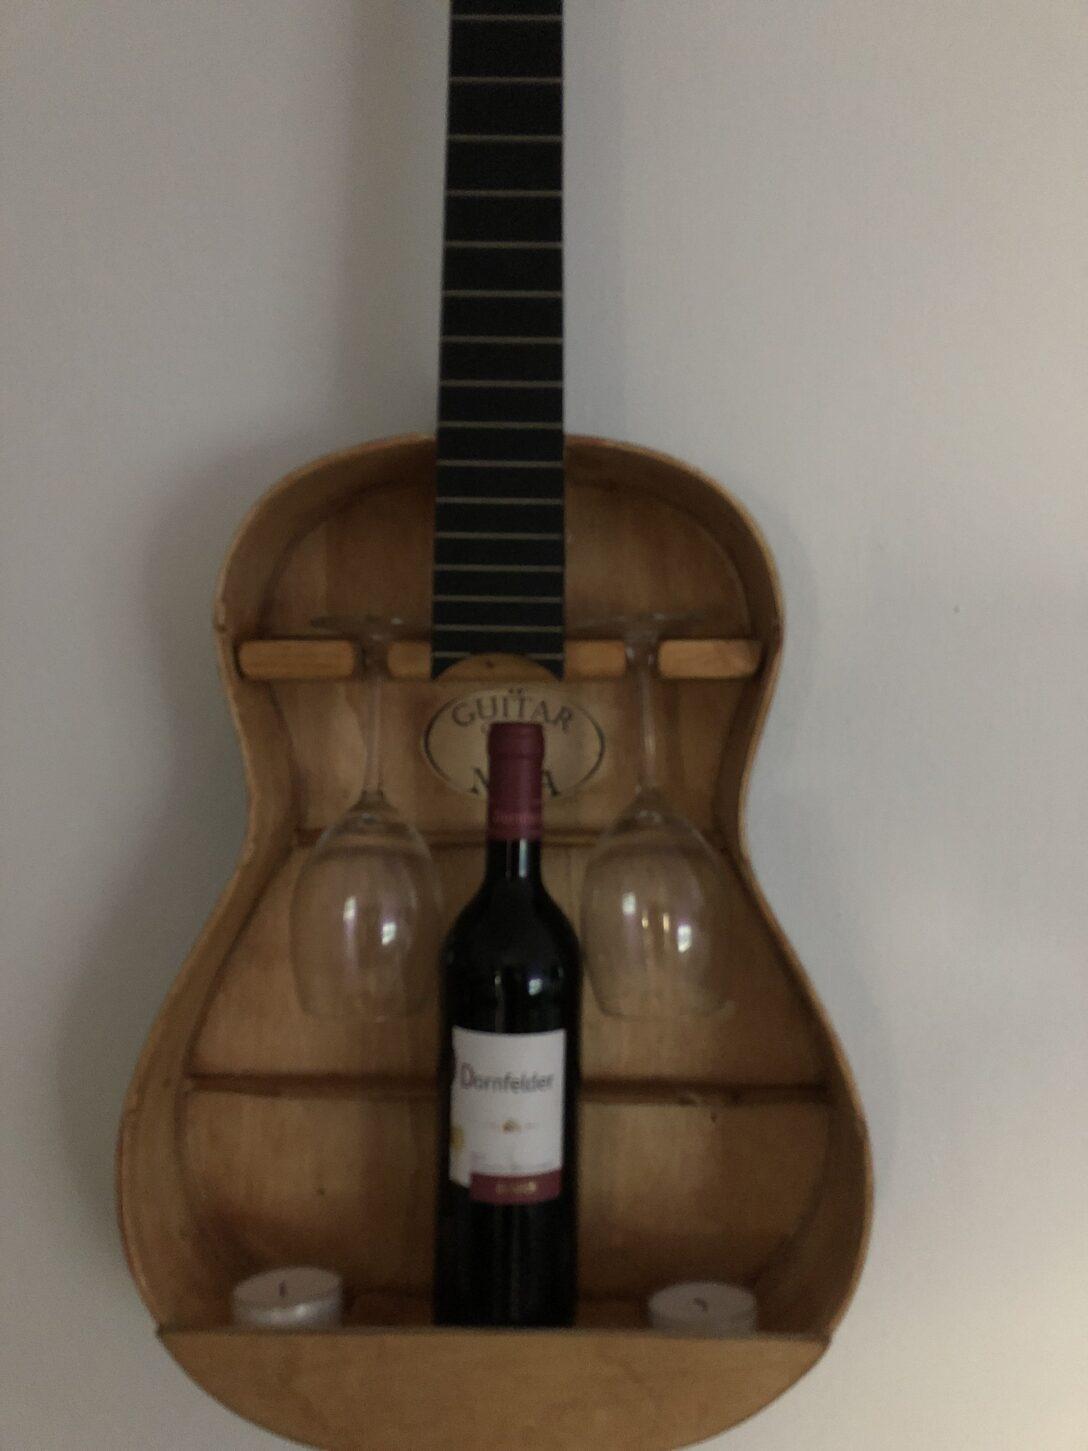 Large Size of Weinregal Schwarz Stahl Selber Bauen Hornbach Design Coop Metall Gitarre Wein Regal Gitarren Schuh Dachschräge Weiß Kleine Regale Kinderzimmer Cd Schmal Regal Wein Regal